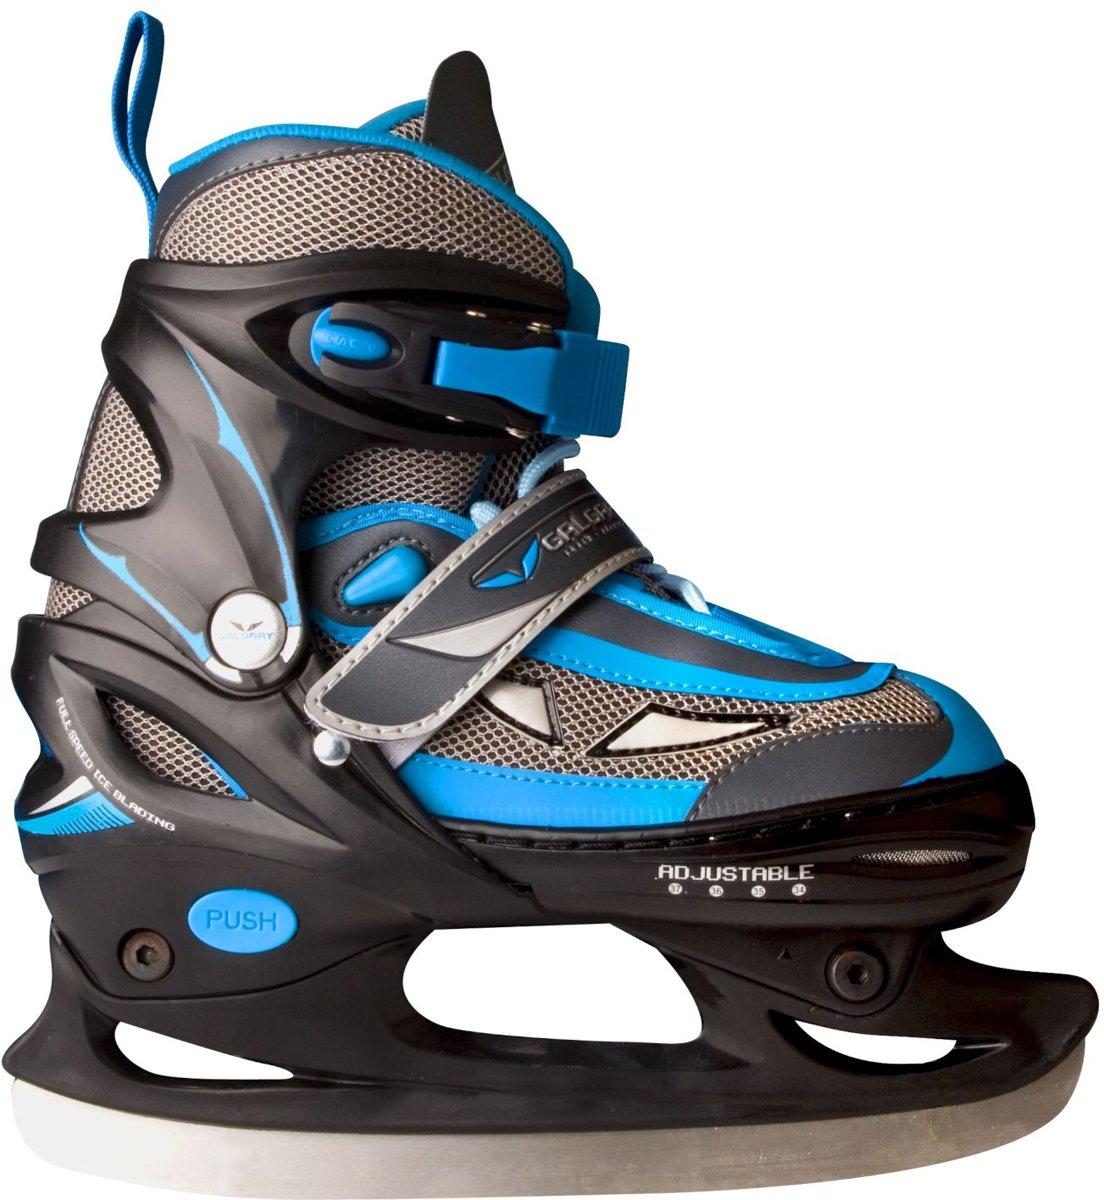 Galgary Junior Ijshockeyschaats IJshockeyschaats - Schaatsen - Kinderen - Maat 30-33